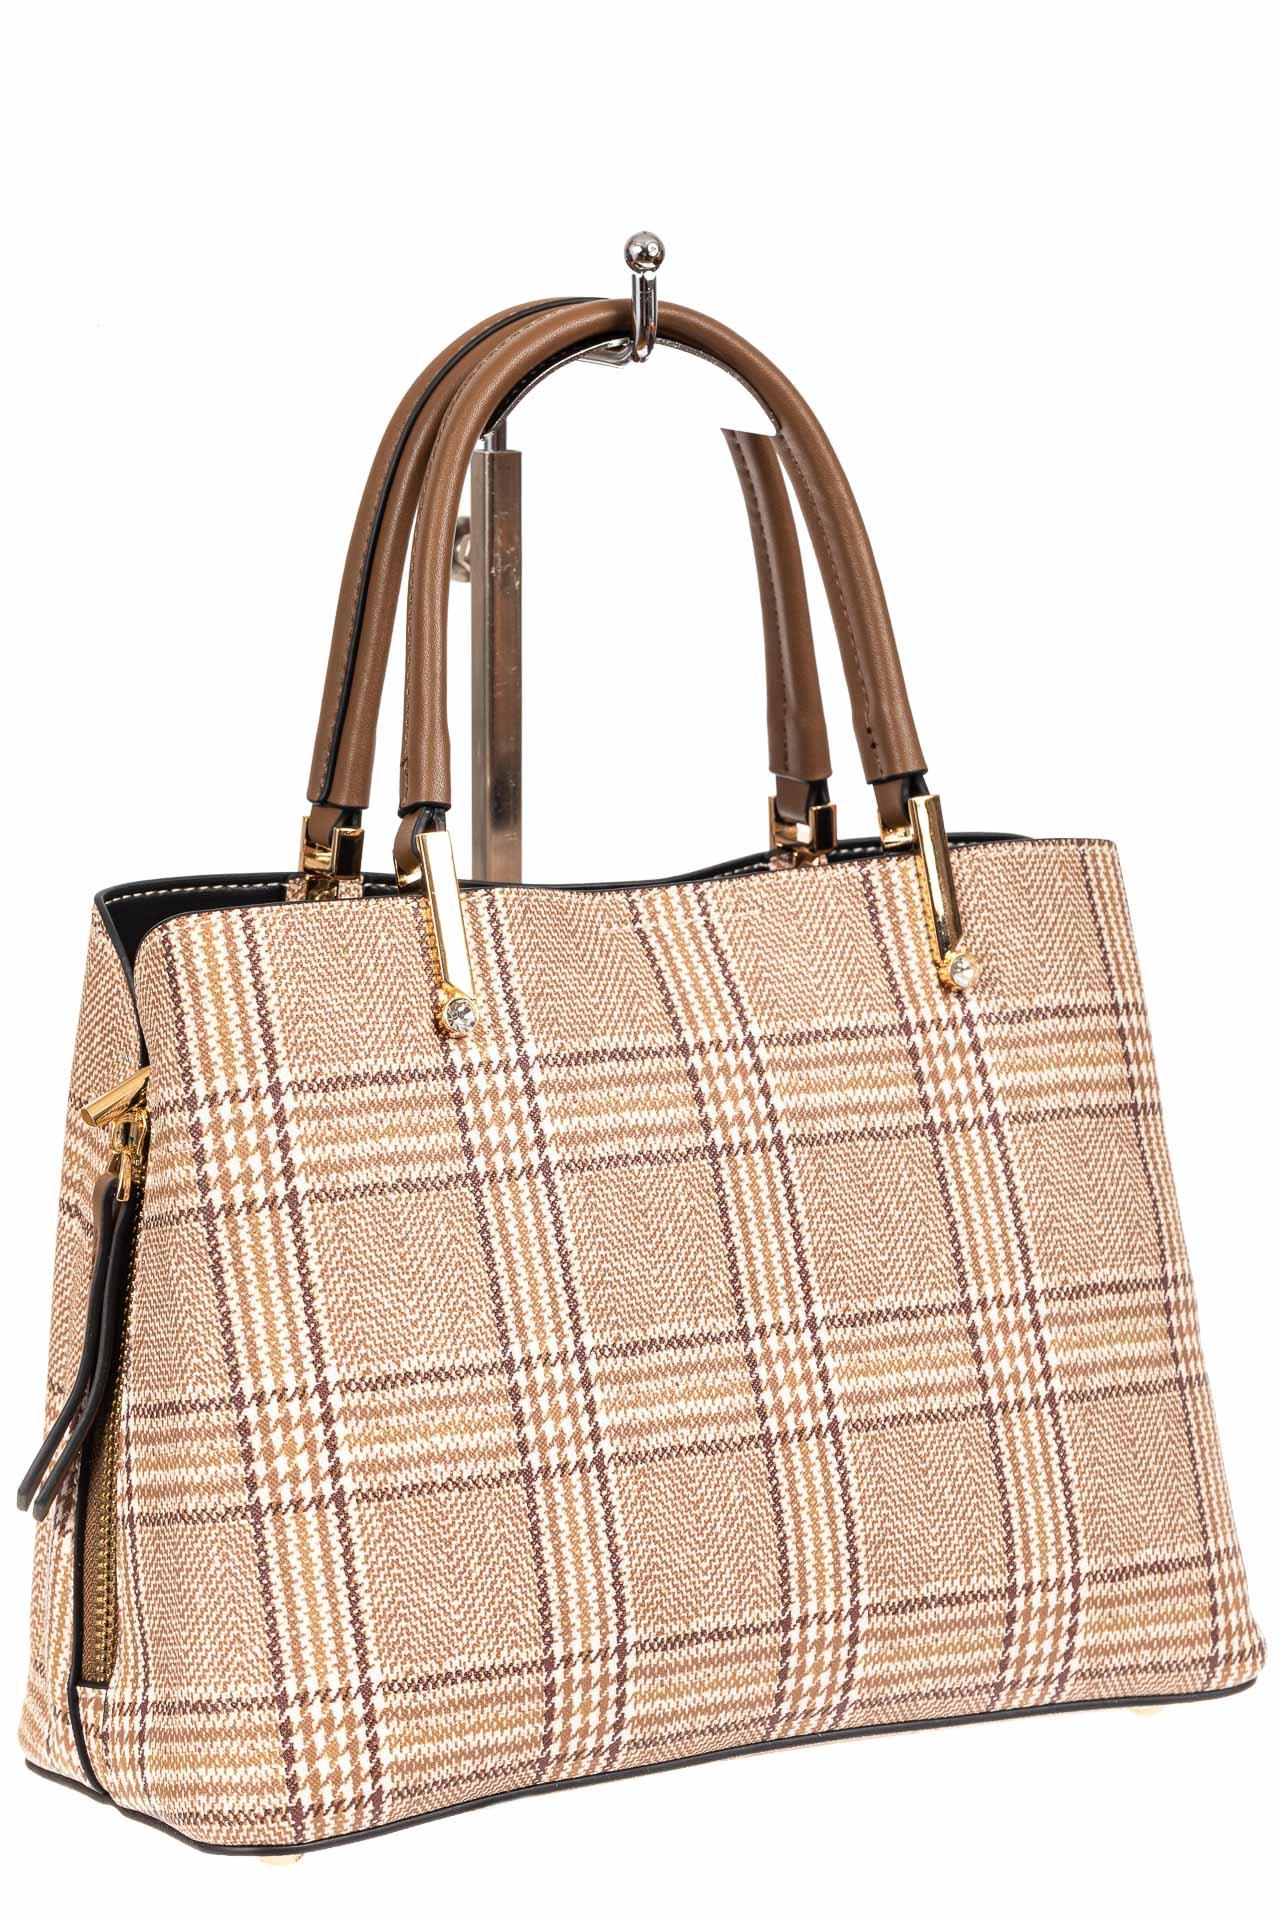 Женская сумка тоут из принтованного кожзама, цвет бежевый63321PJ0420/10